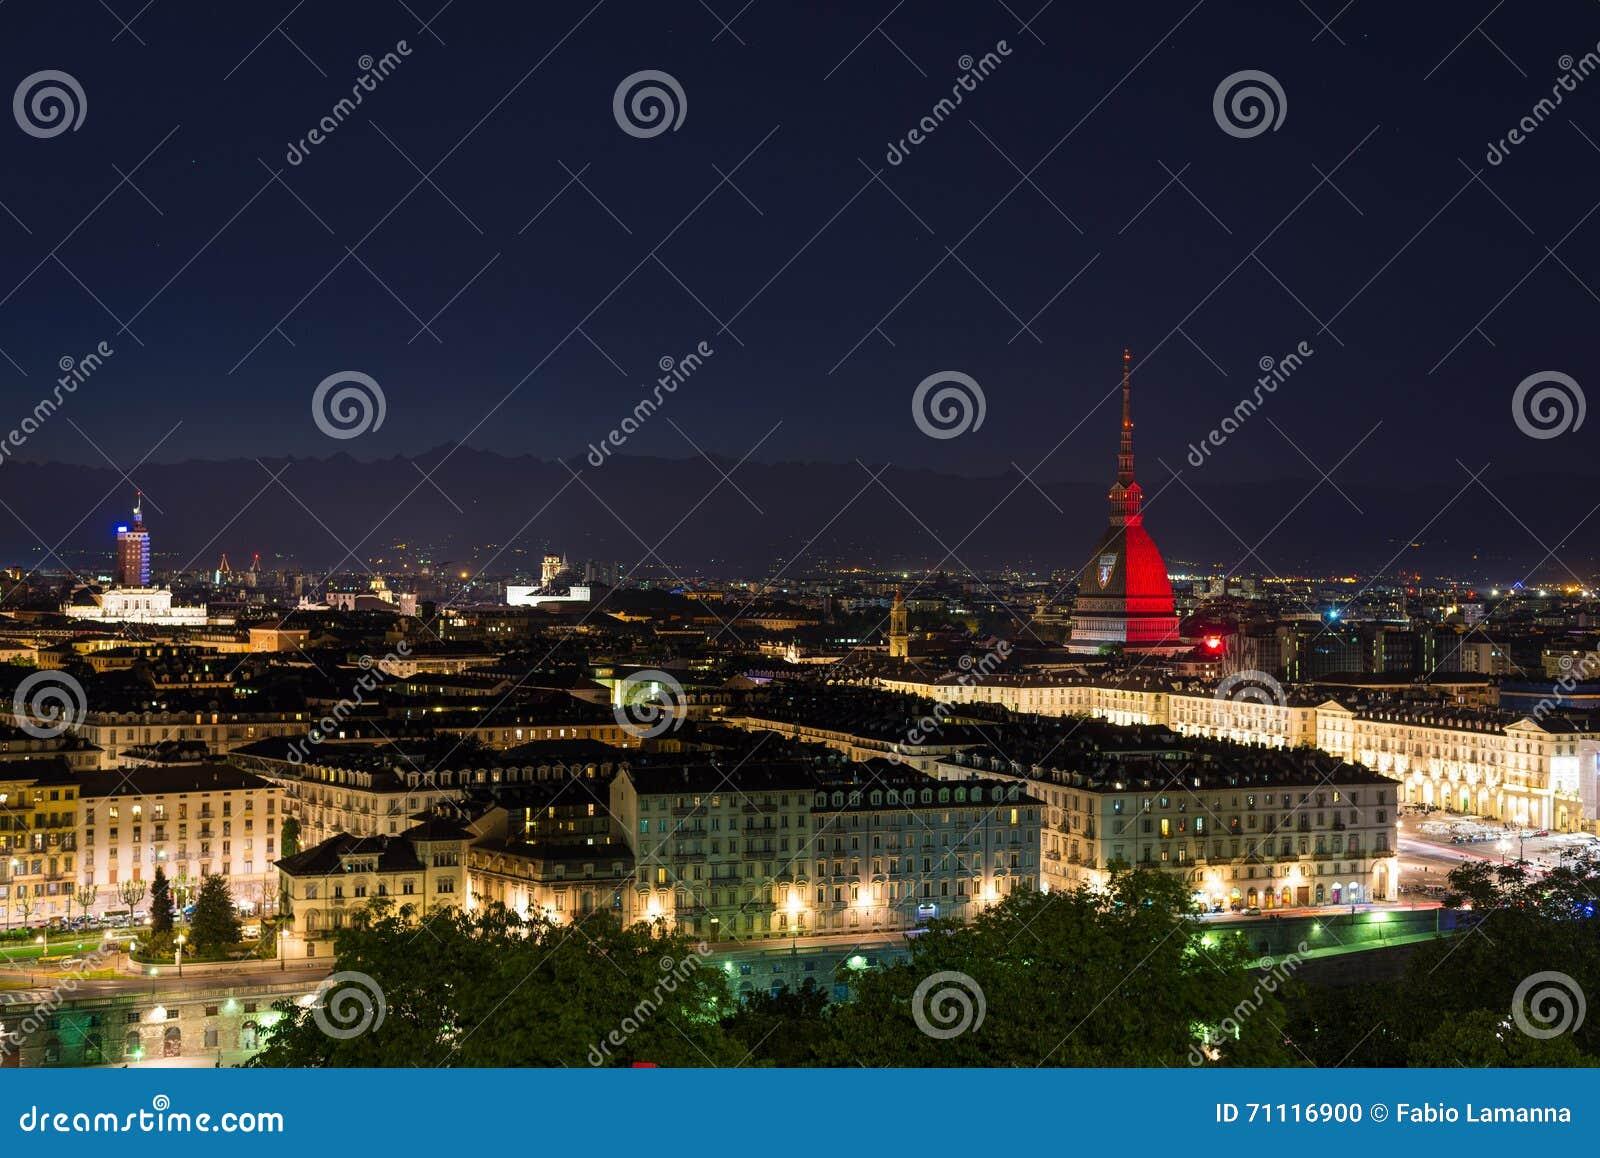 Torino (Turin, Italien), Granat färbte Mole Antonelliana